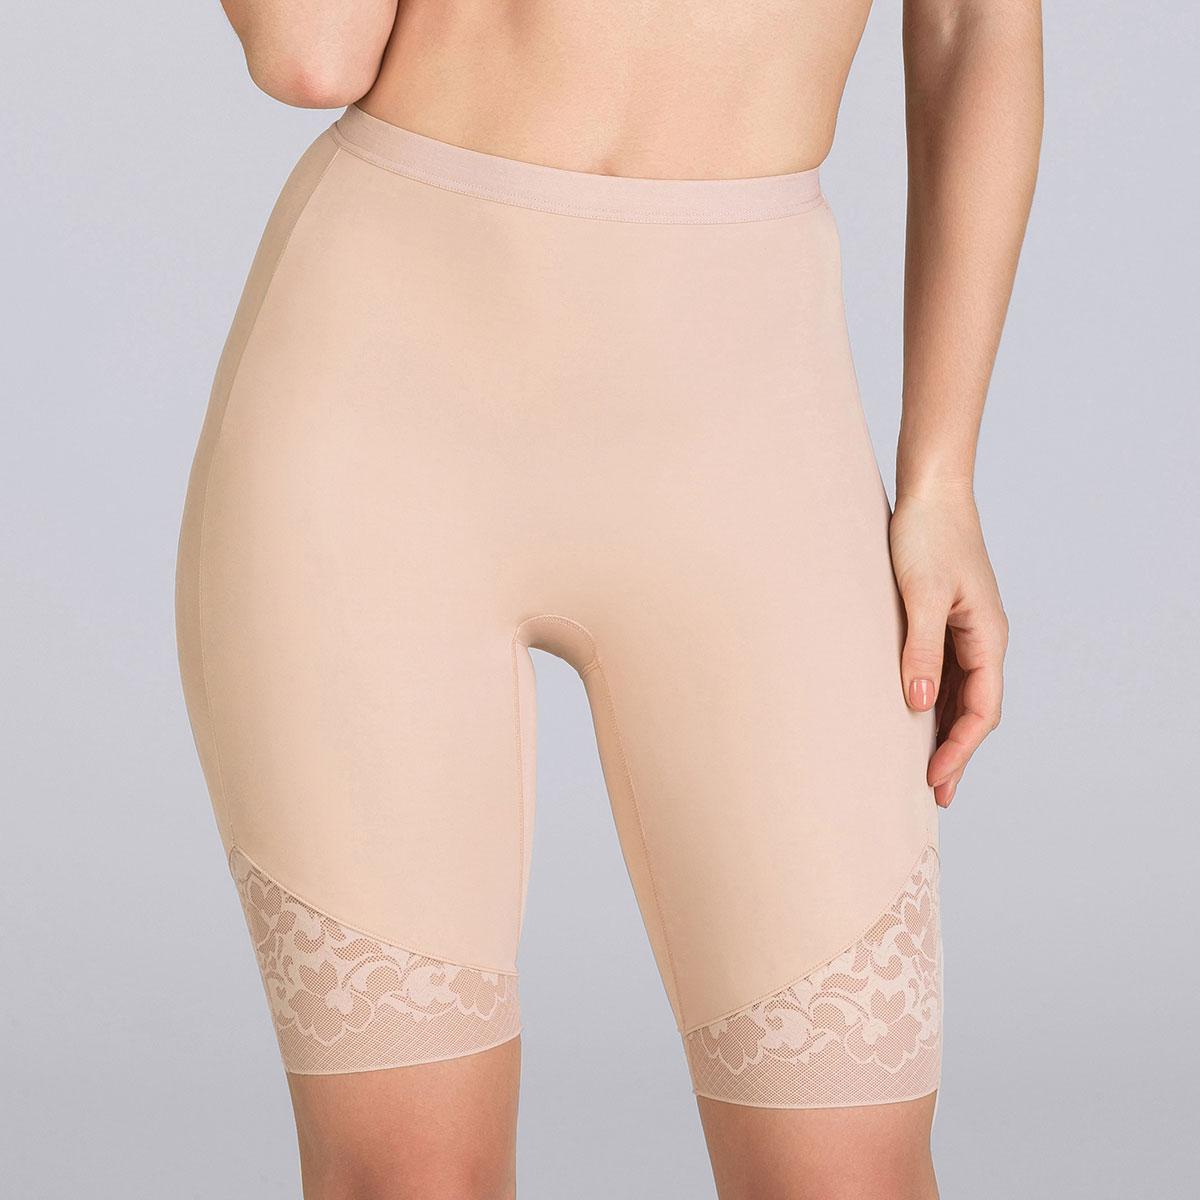 Panty beige - Expert in Silhouette-PLAYTEX